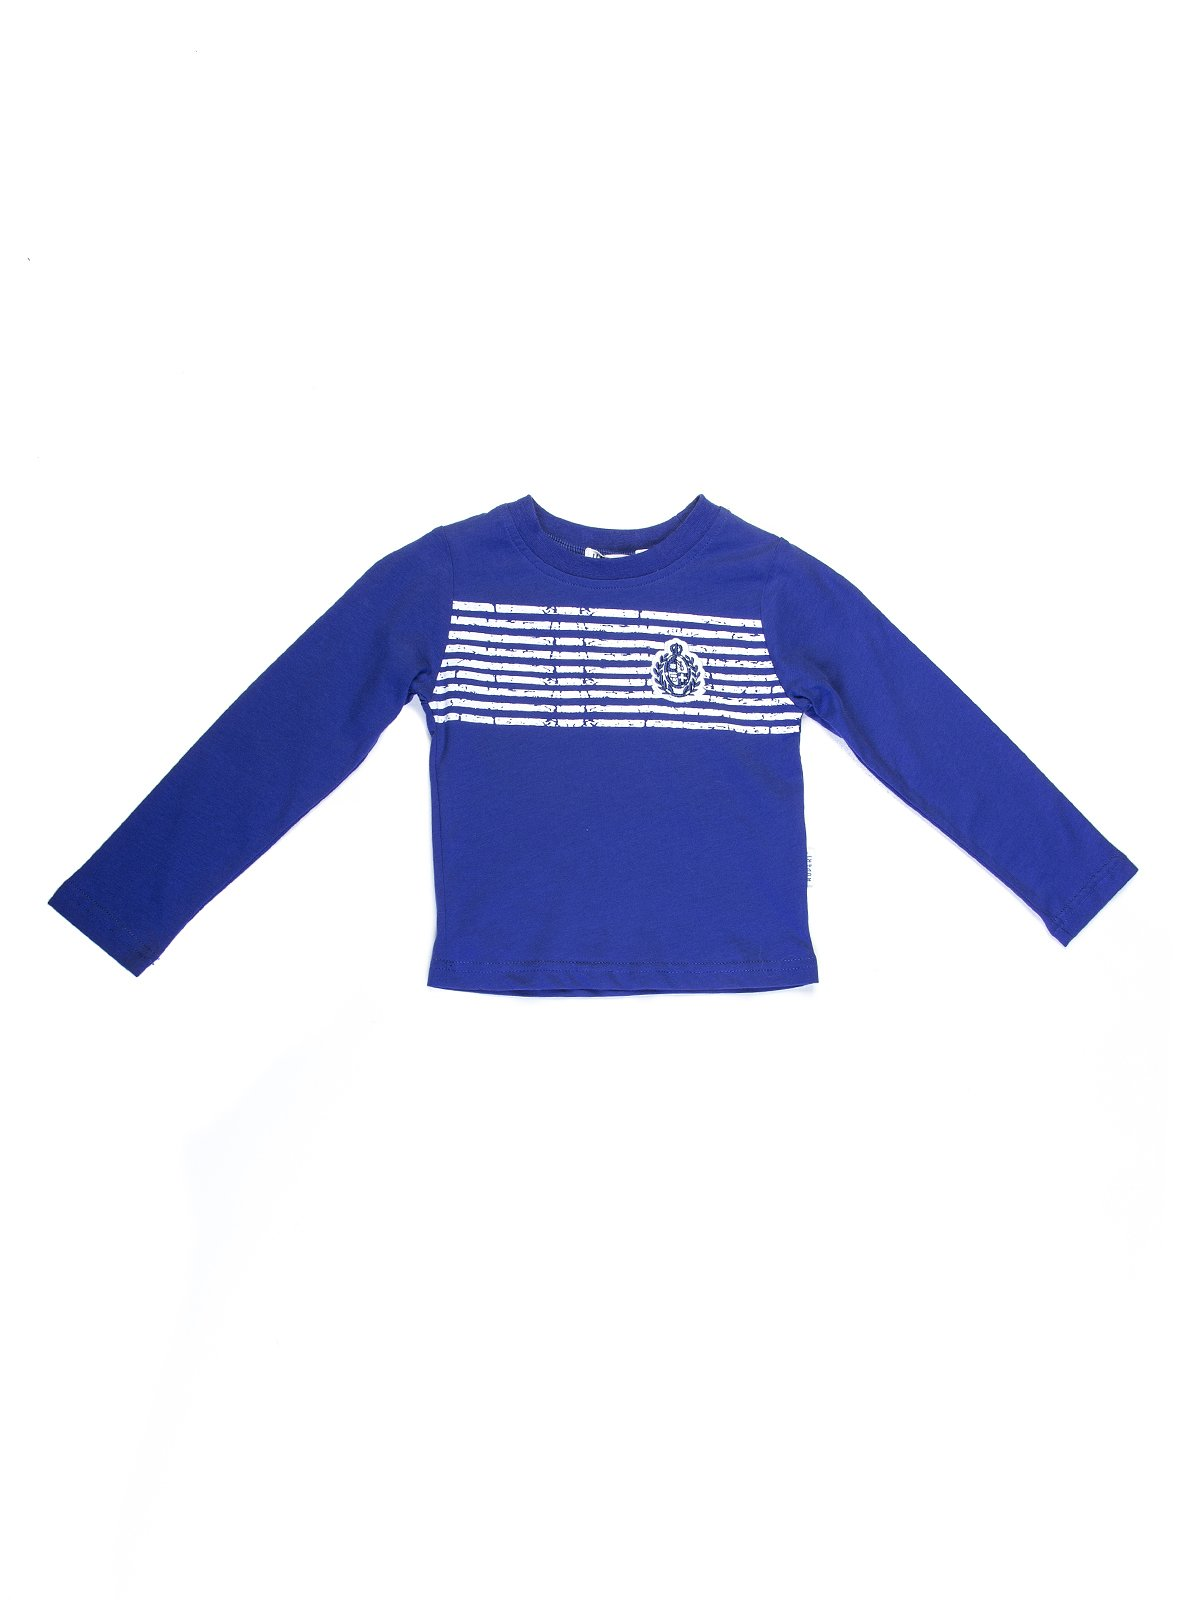 Джемпер синий с контрастными полосками | 727694